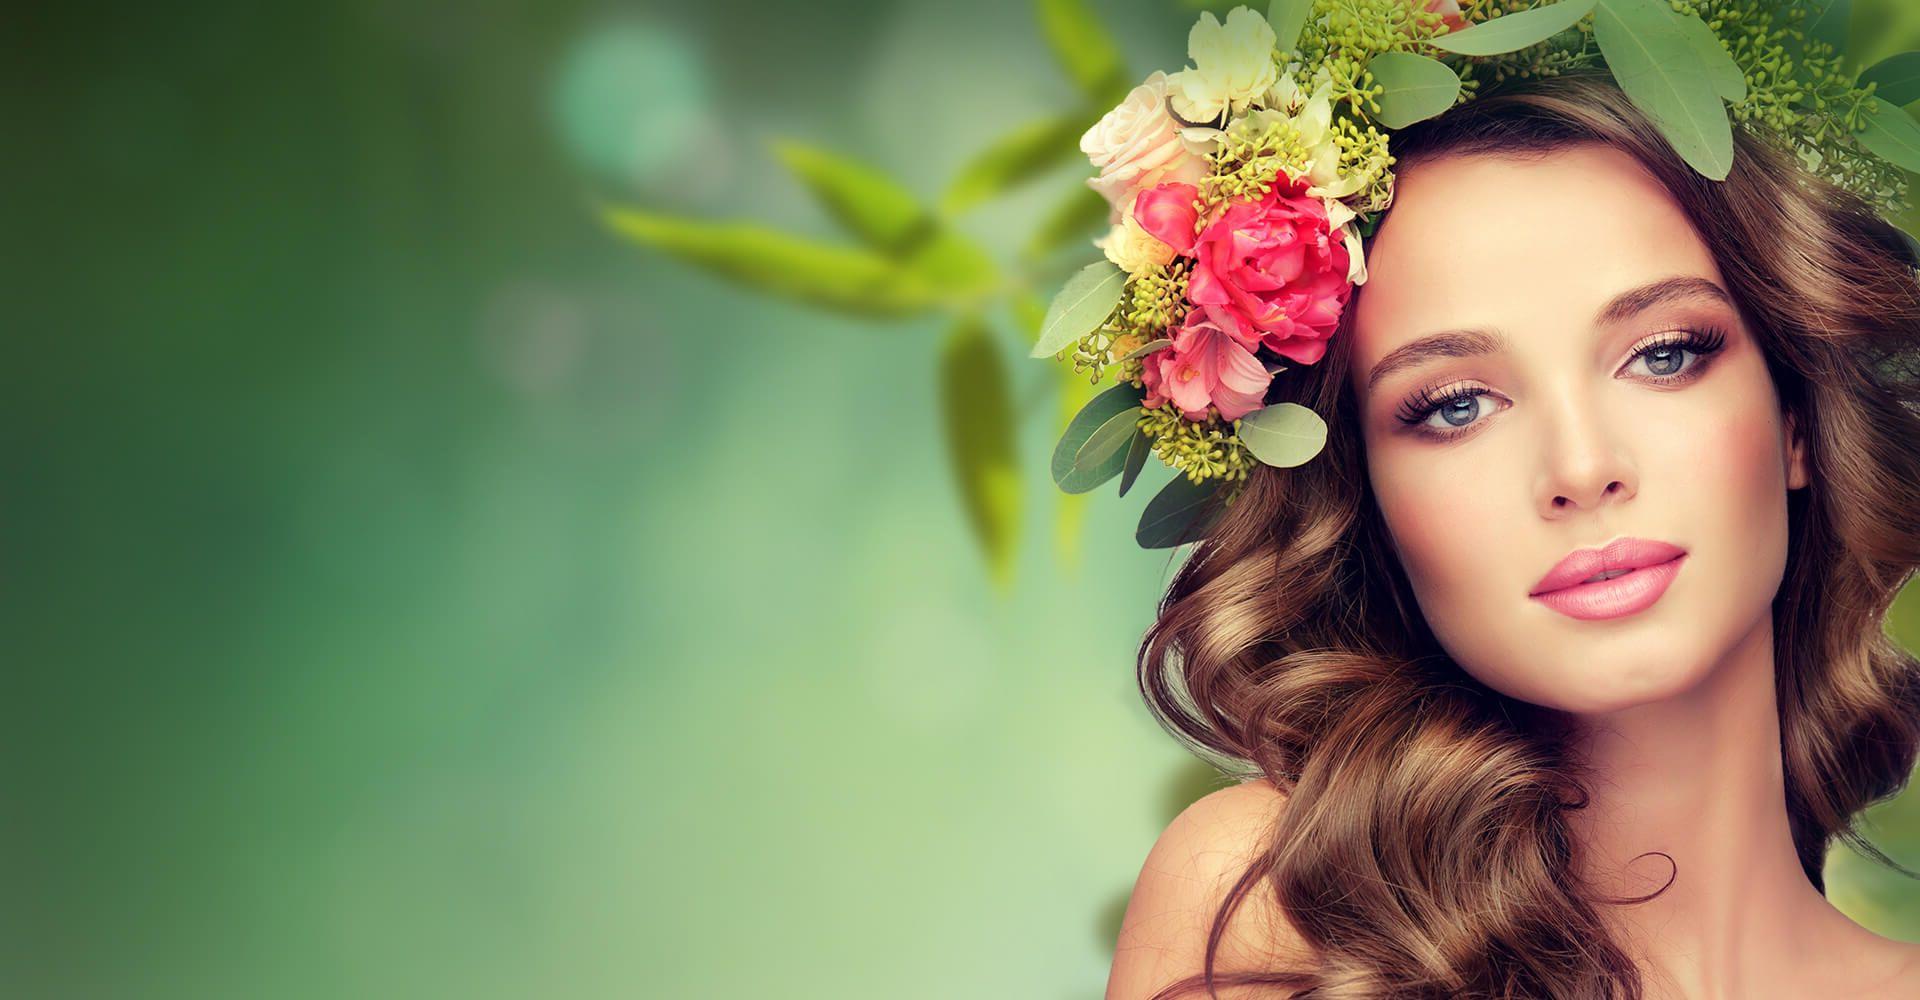 Beauty Retouch v3.1 Photoshop Panel - Master Beauty